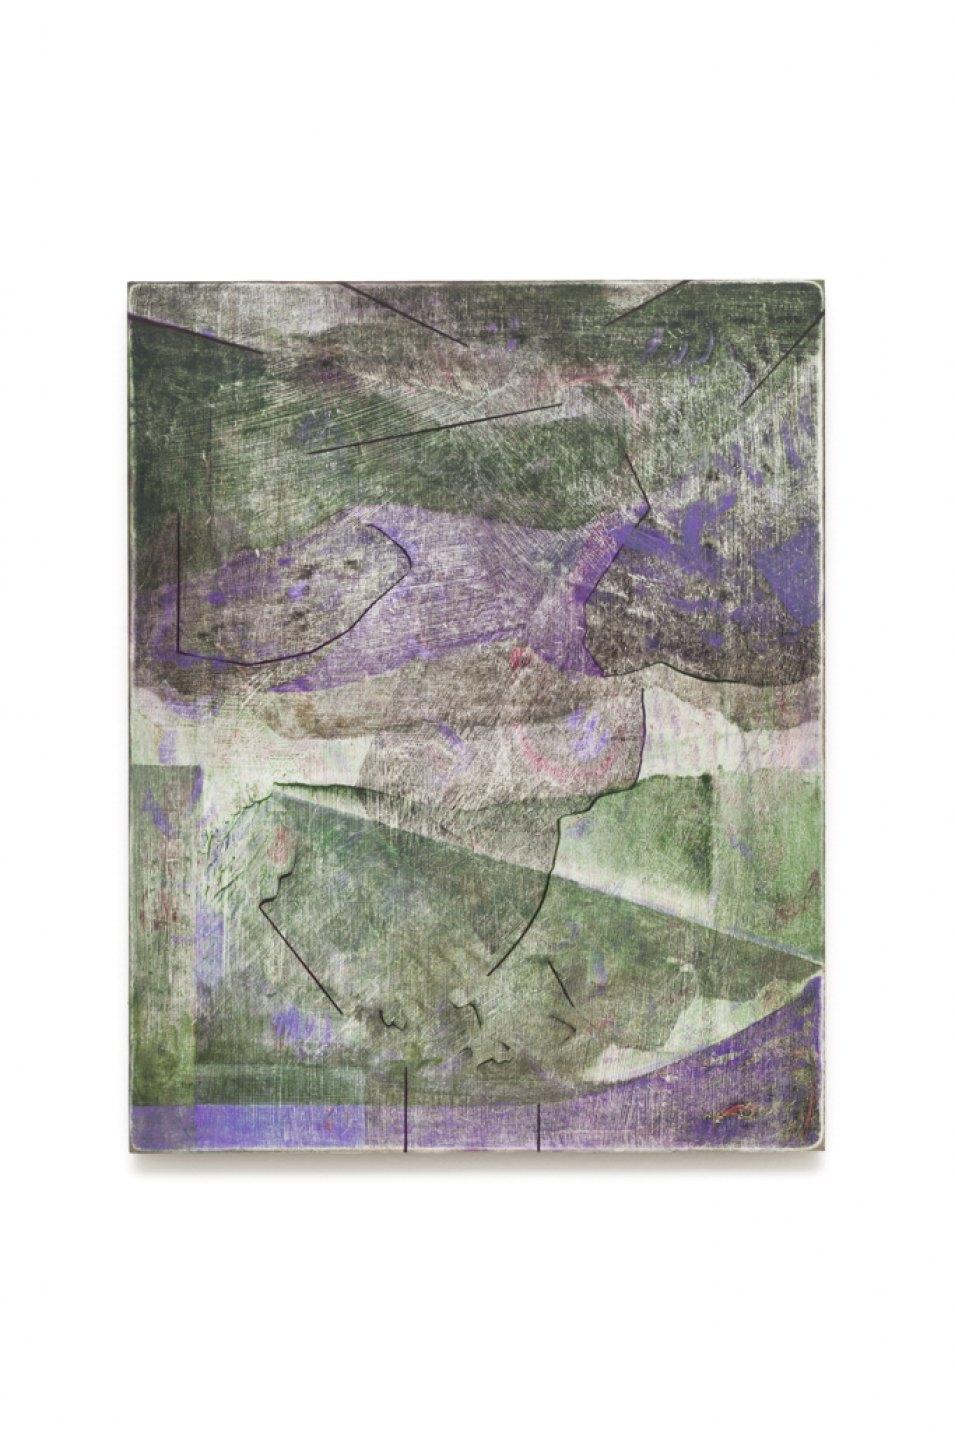 Iulia Nistor, <em>Evidence L4 F5 A1</em>, 2017, oil on wood, 50 × 40 cm - Mendes Wood DM